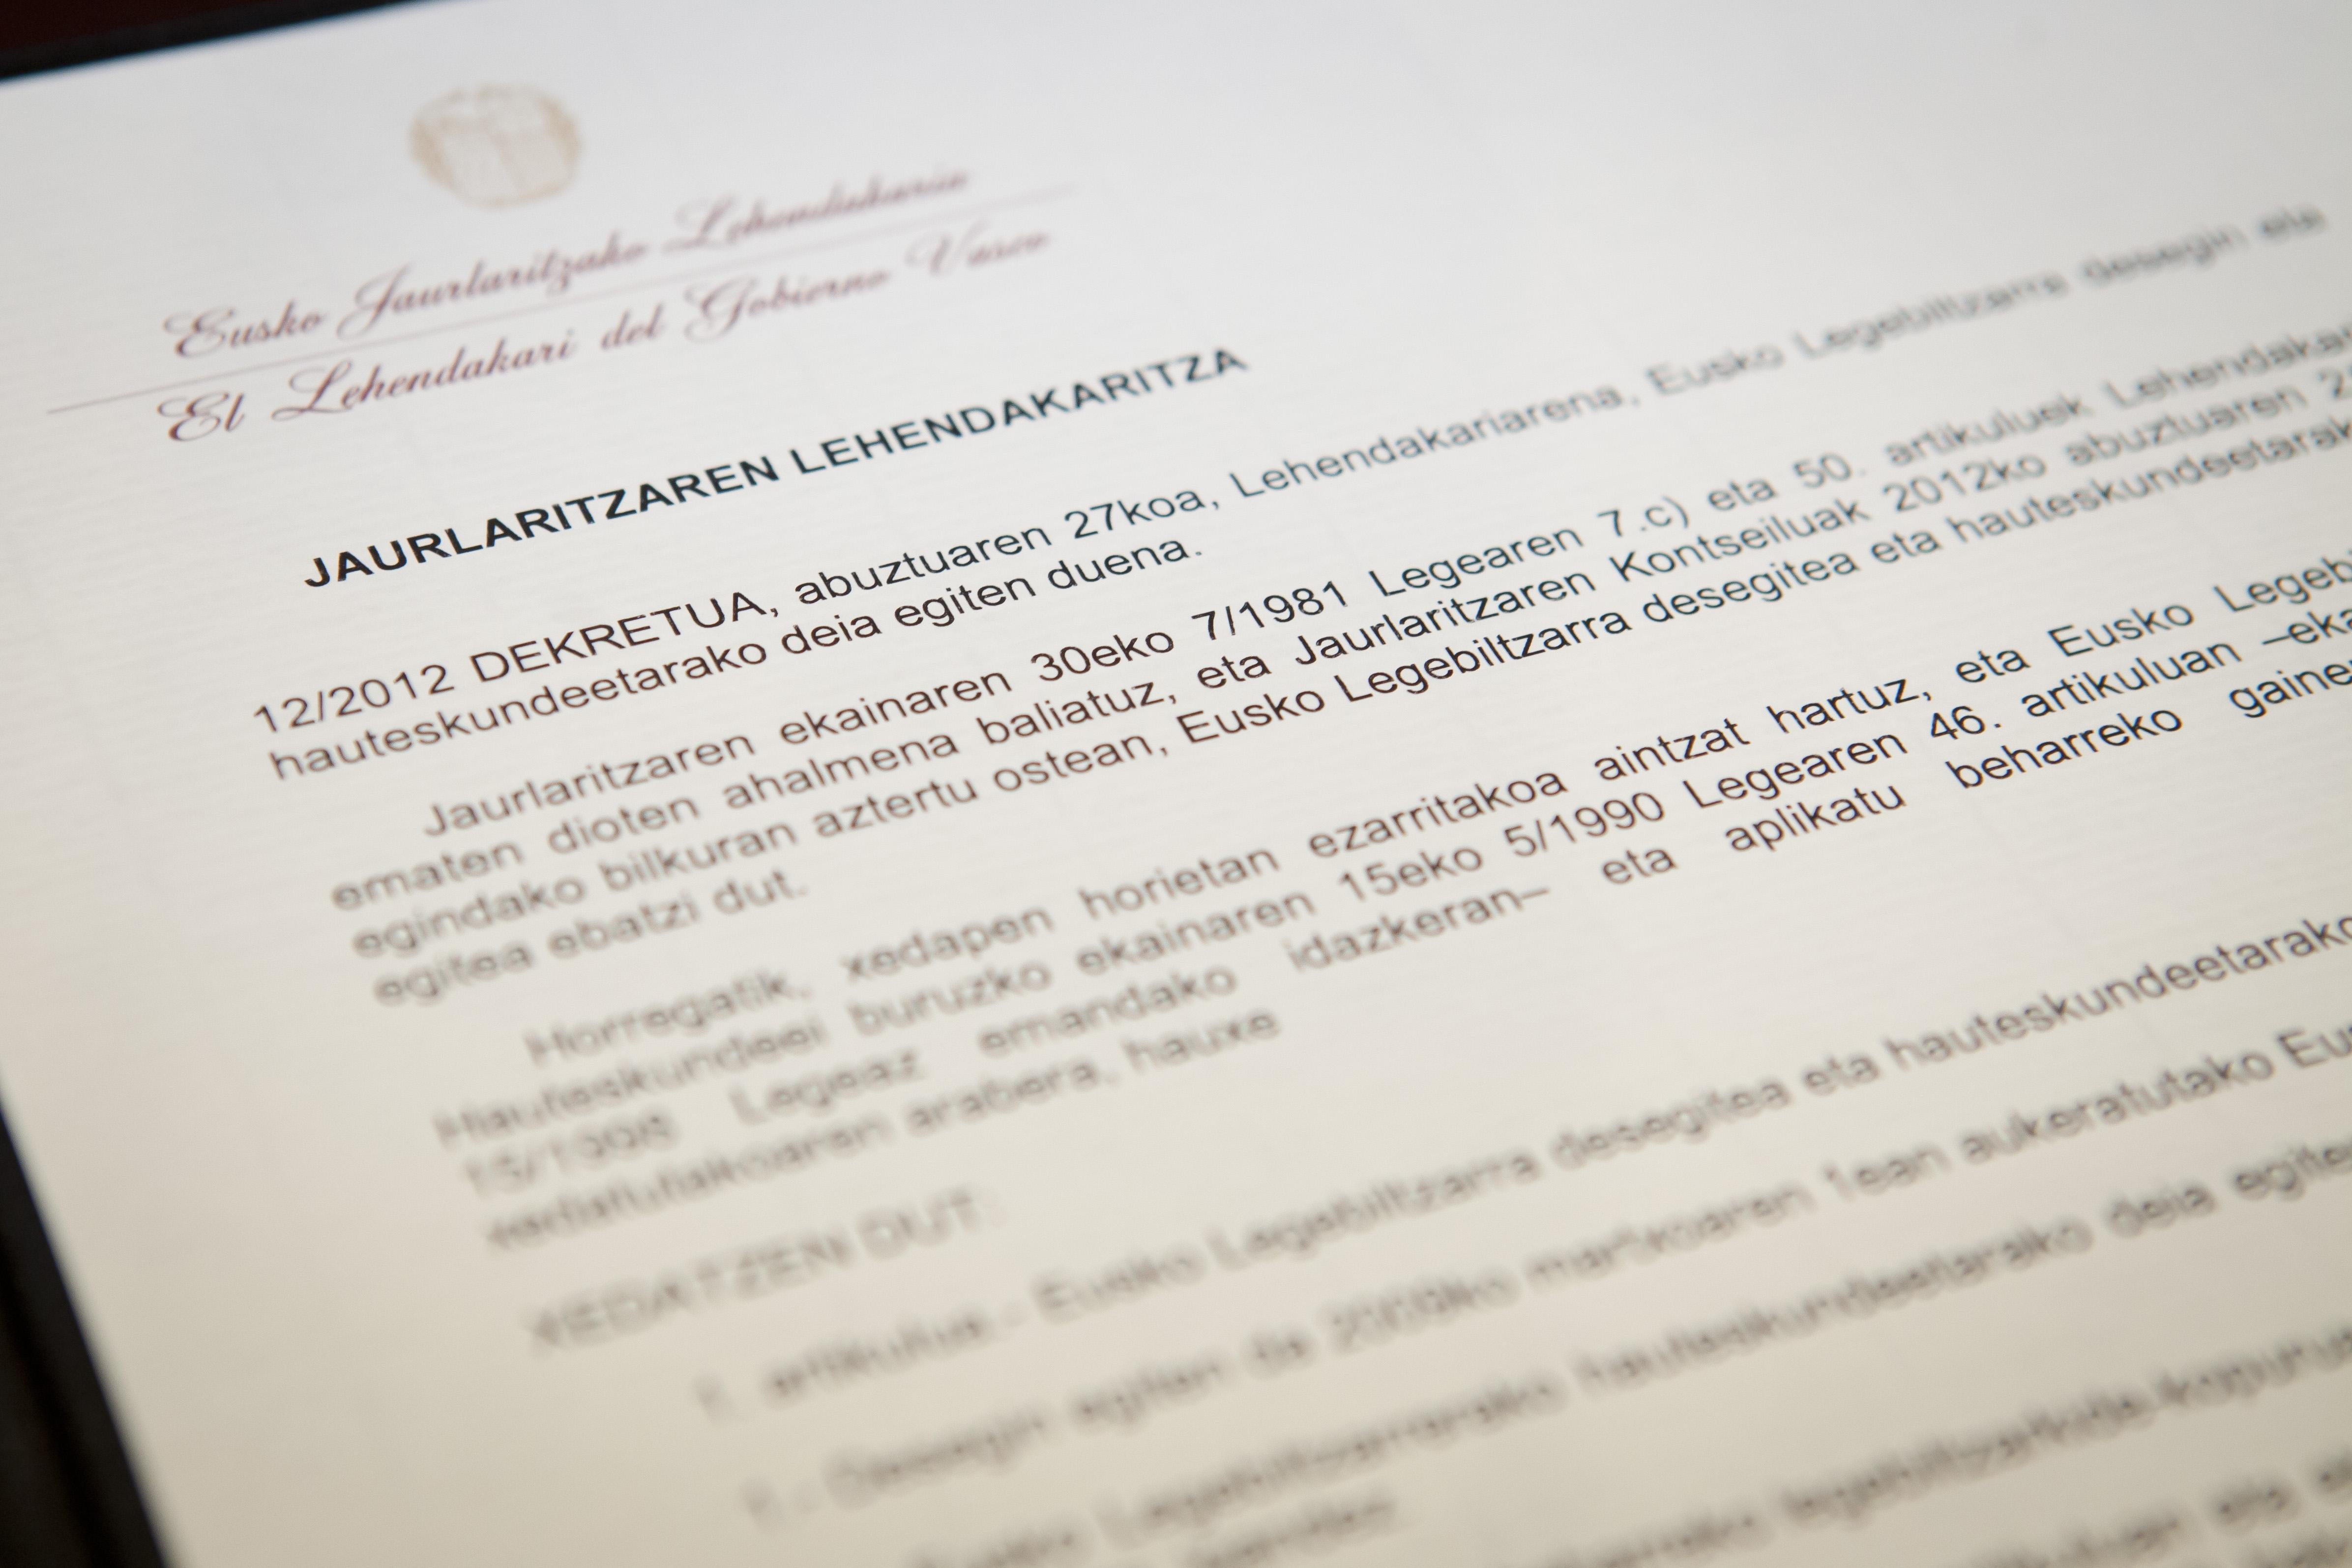 2012_08_24_elecciones_firma_12.jpg